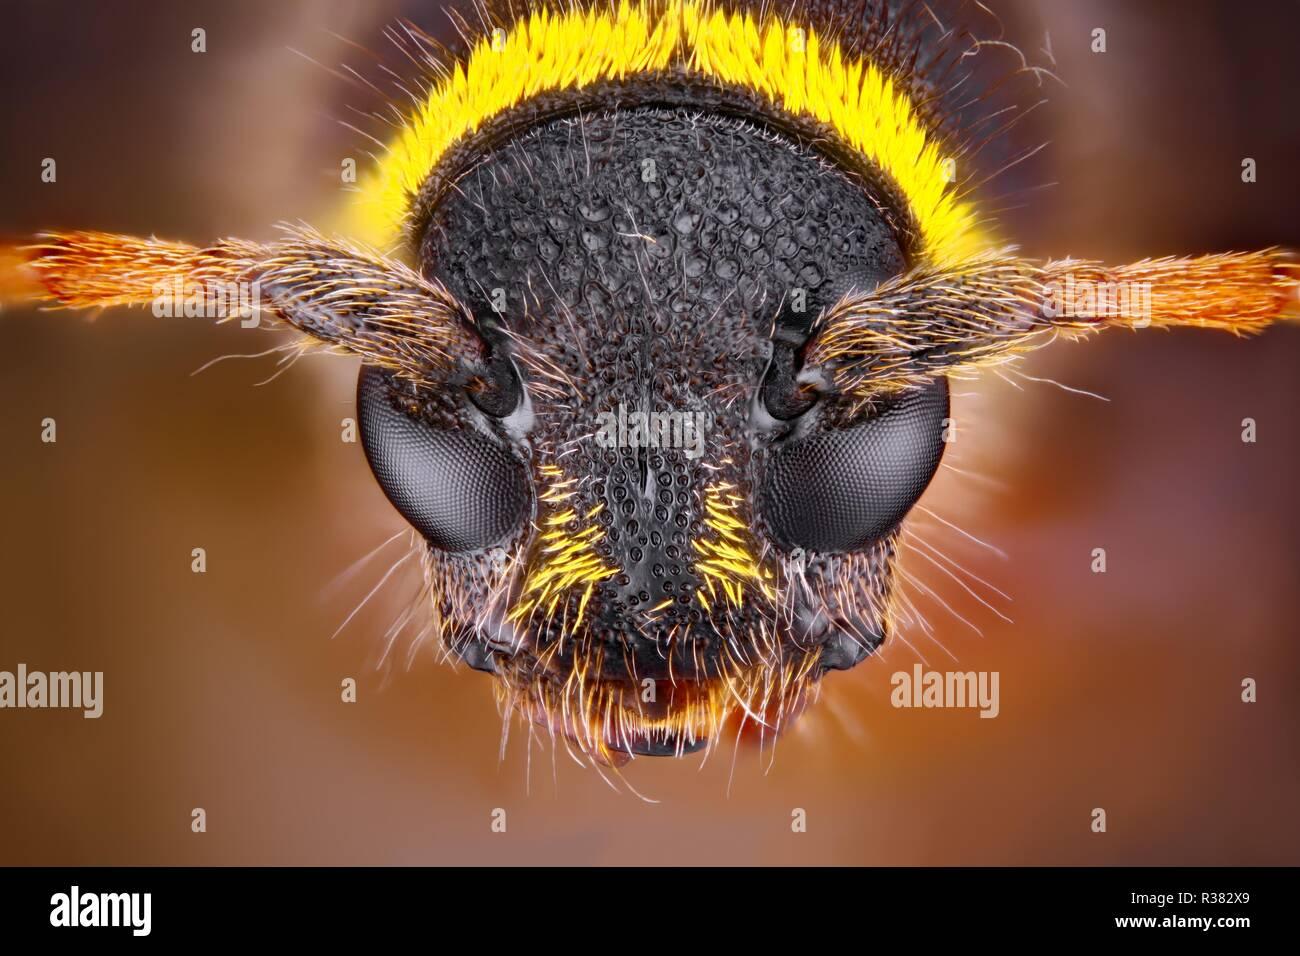 Extrem scharfe und detaillierte Studie über ein Insekt Kopf mit einem Makroobjektiv aus vielen Bildern in eine sehr scharfe Foto gestapelt. Stockbild